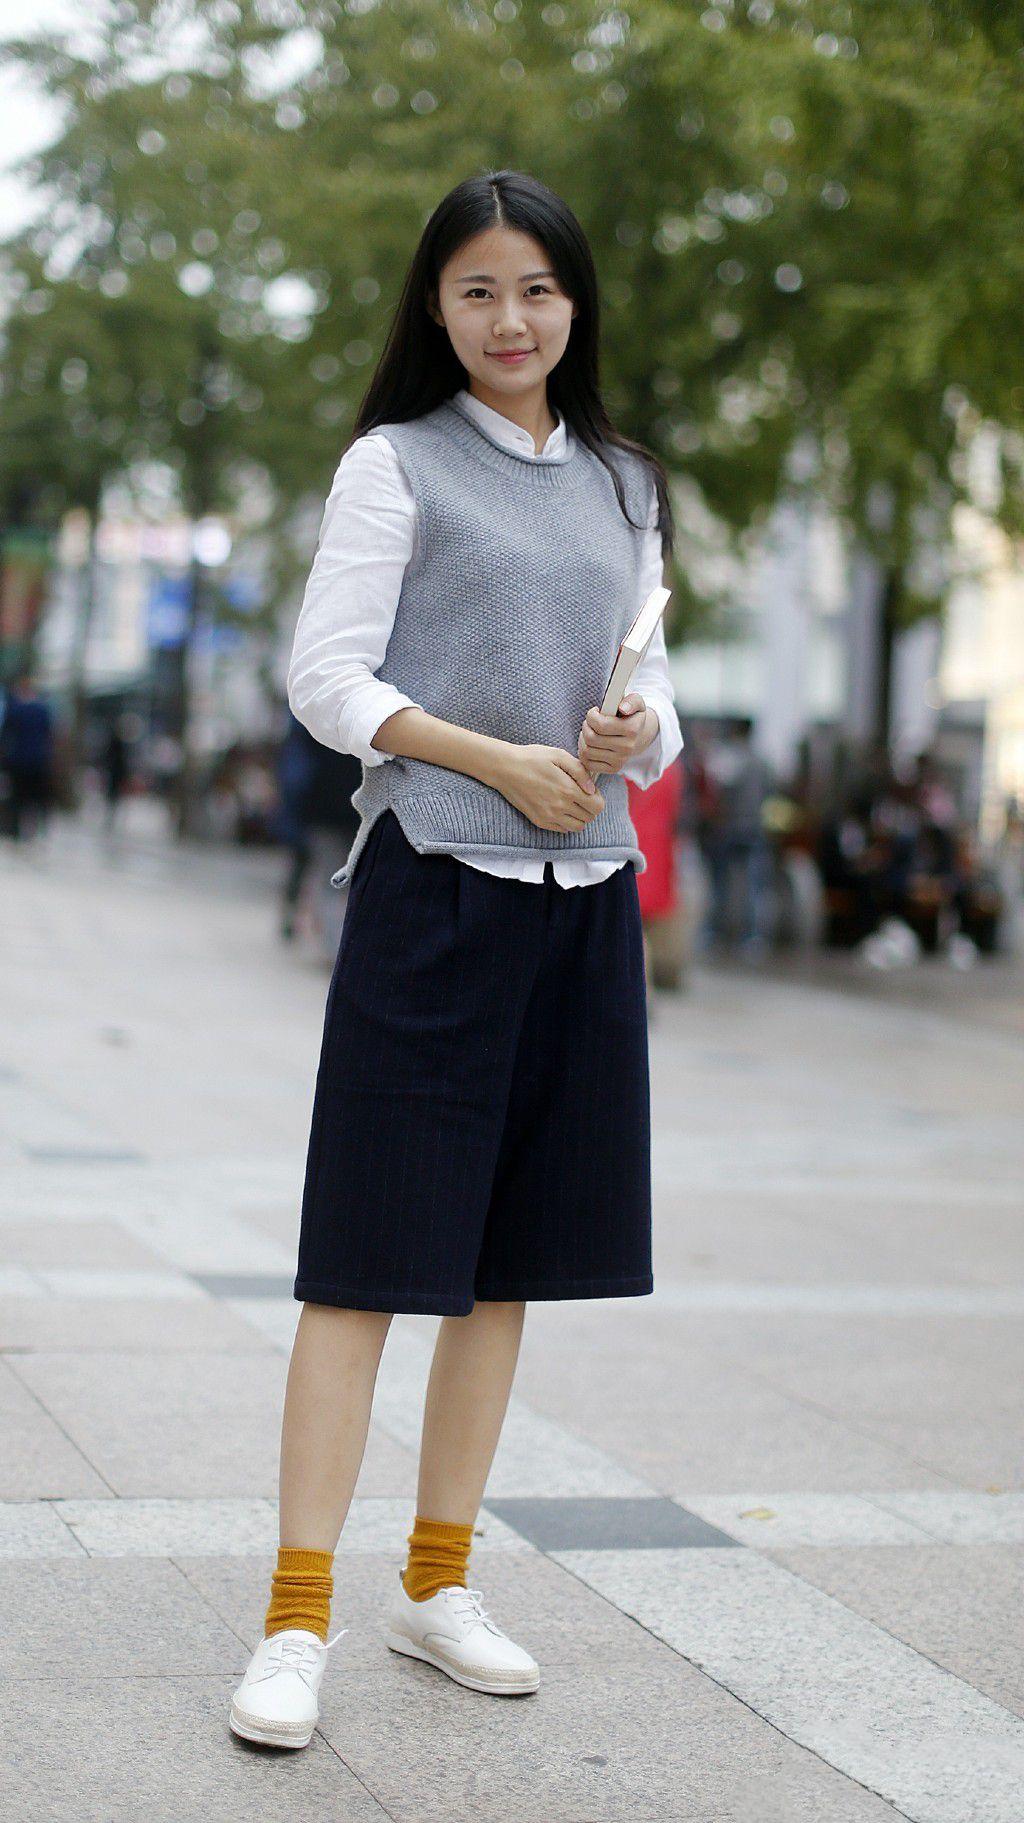 搭_街拍:穿搭时尚有活力的美女,简洁干练,你喜欢吗?